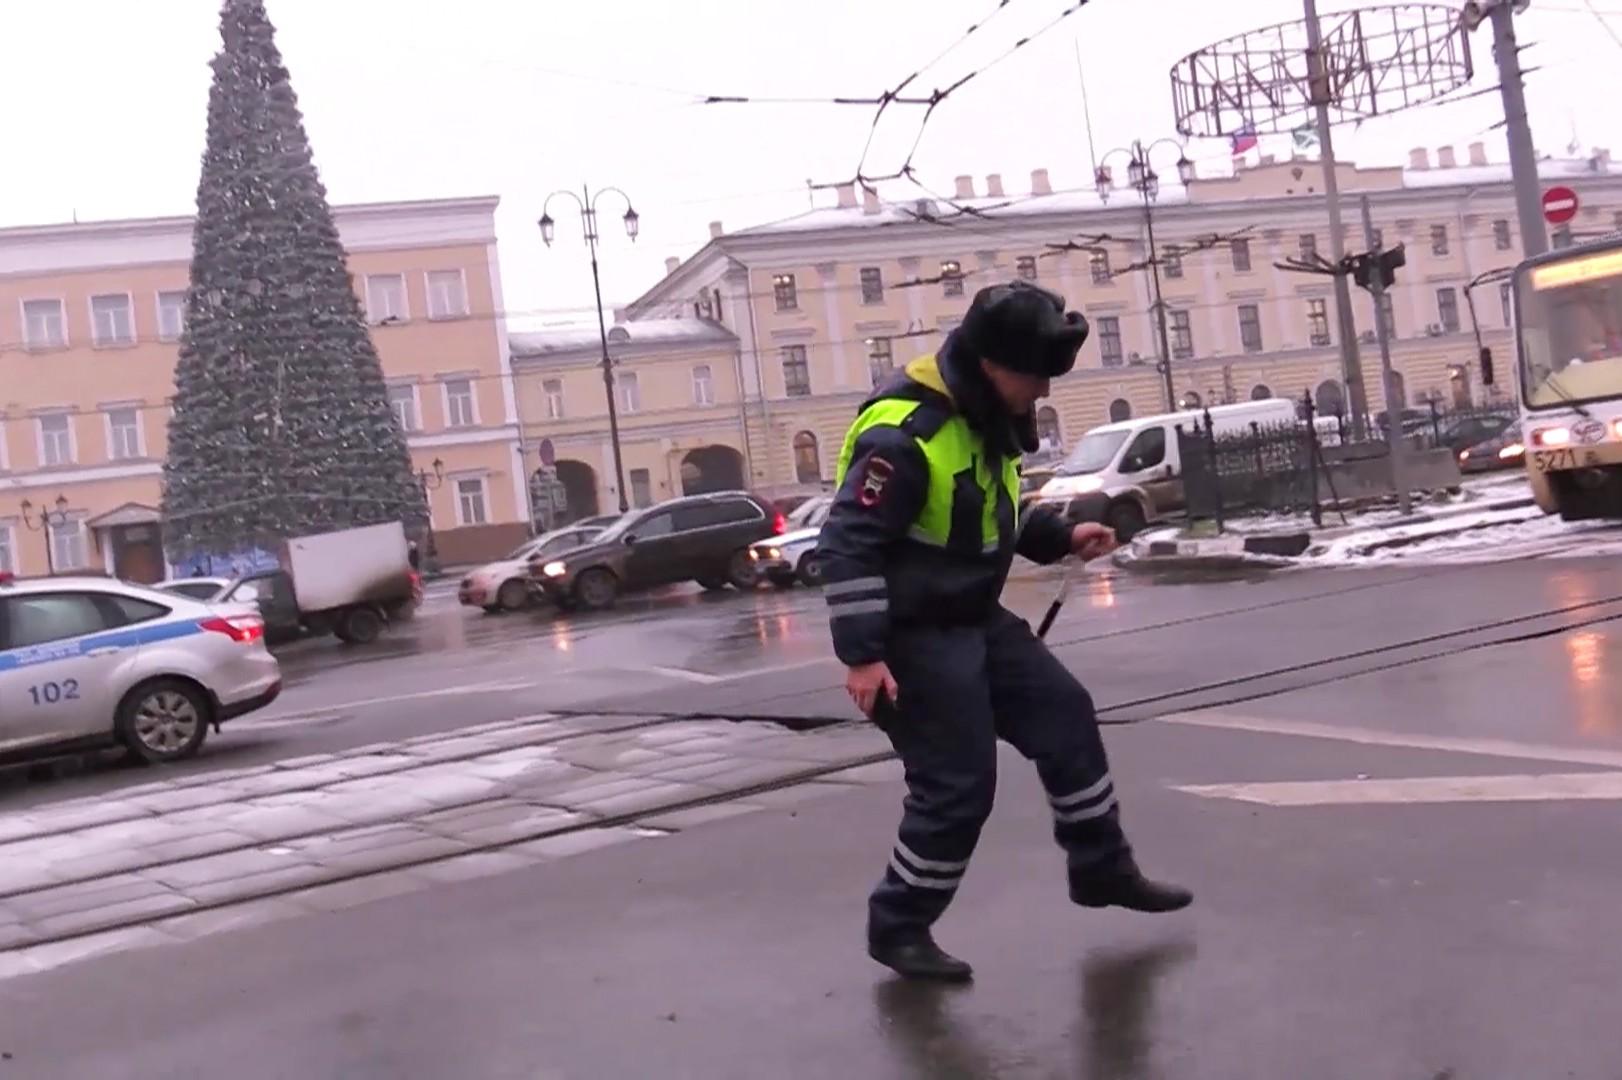 Видео с танцующим полицейским оказалось вирусным роликом МВД к Новому году